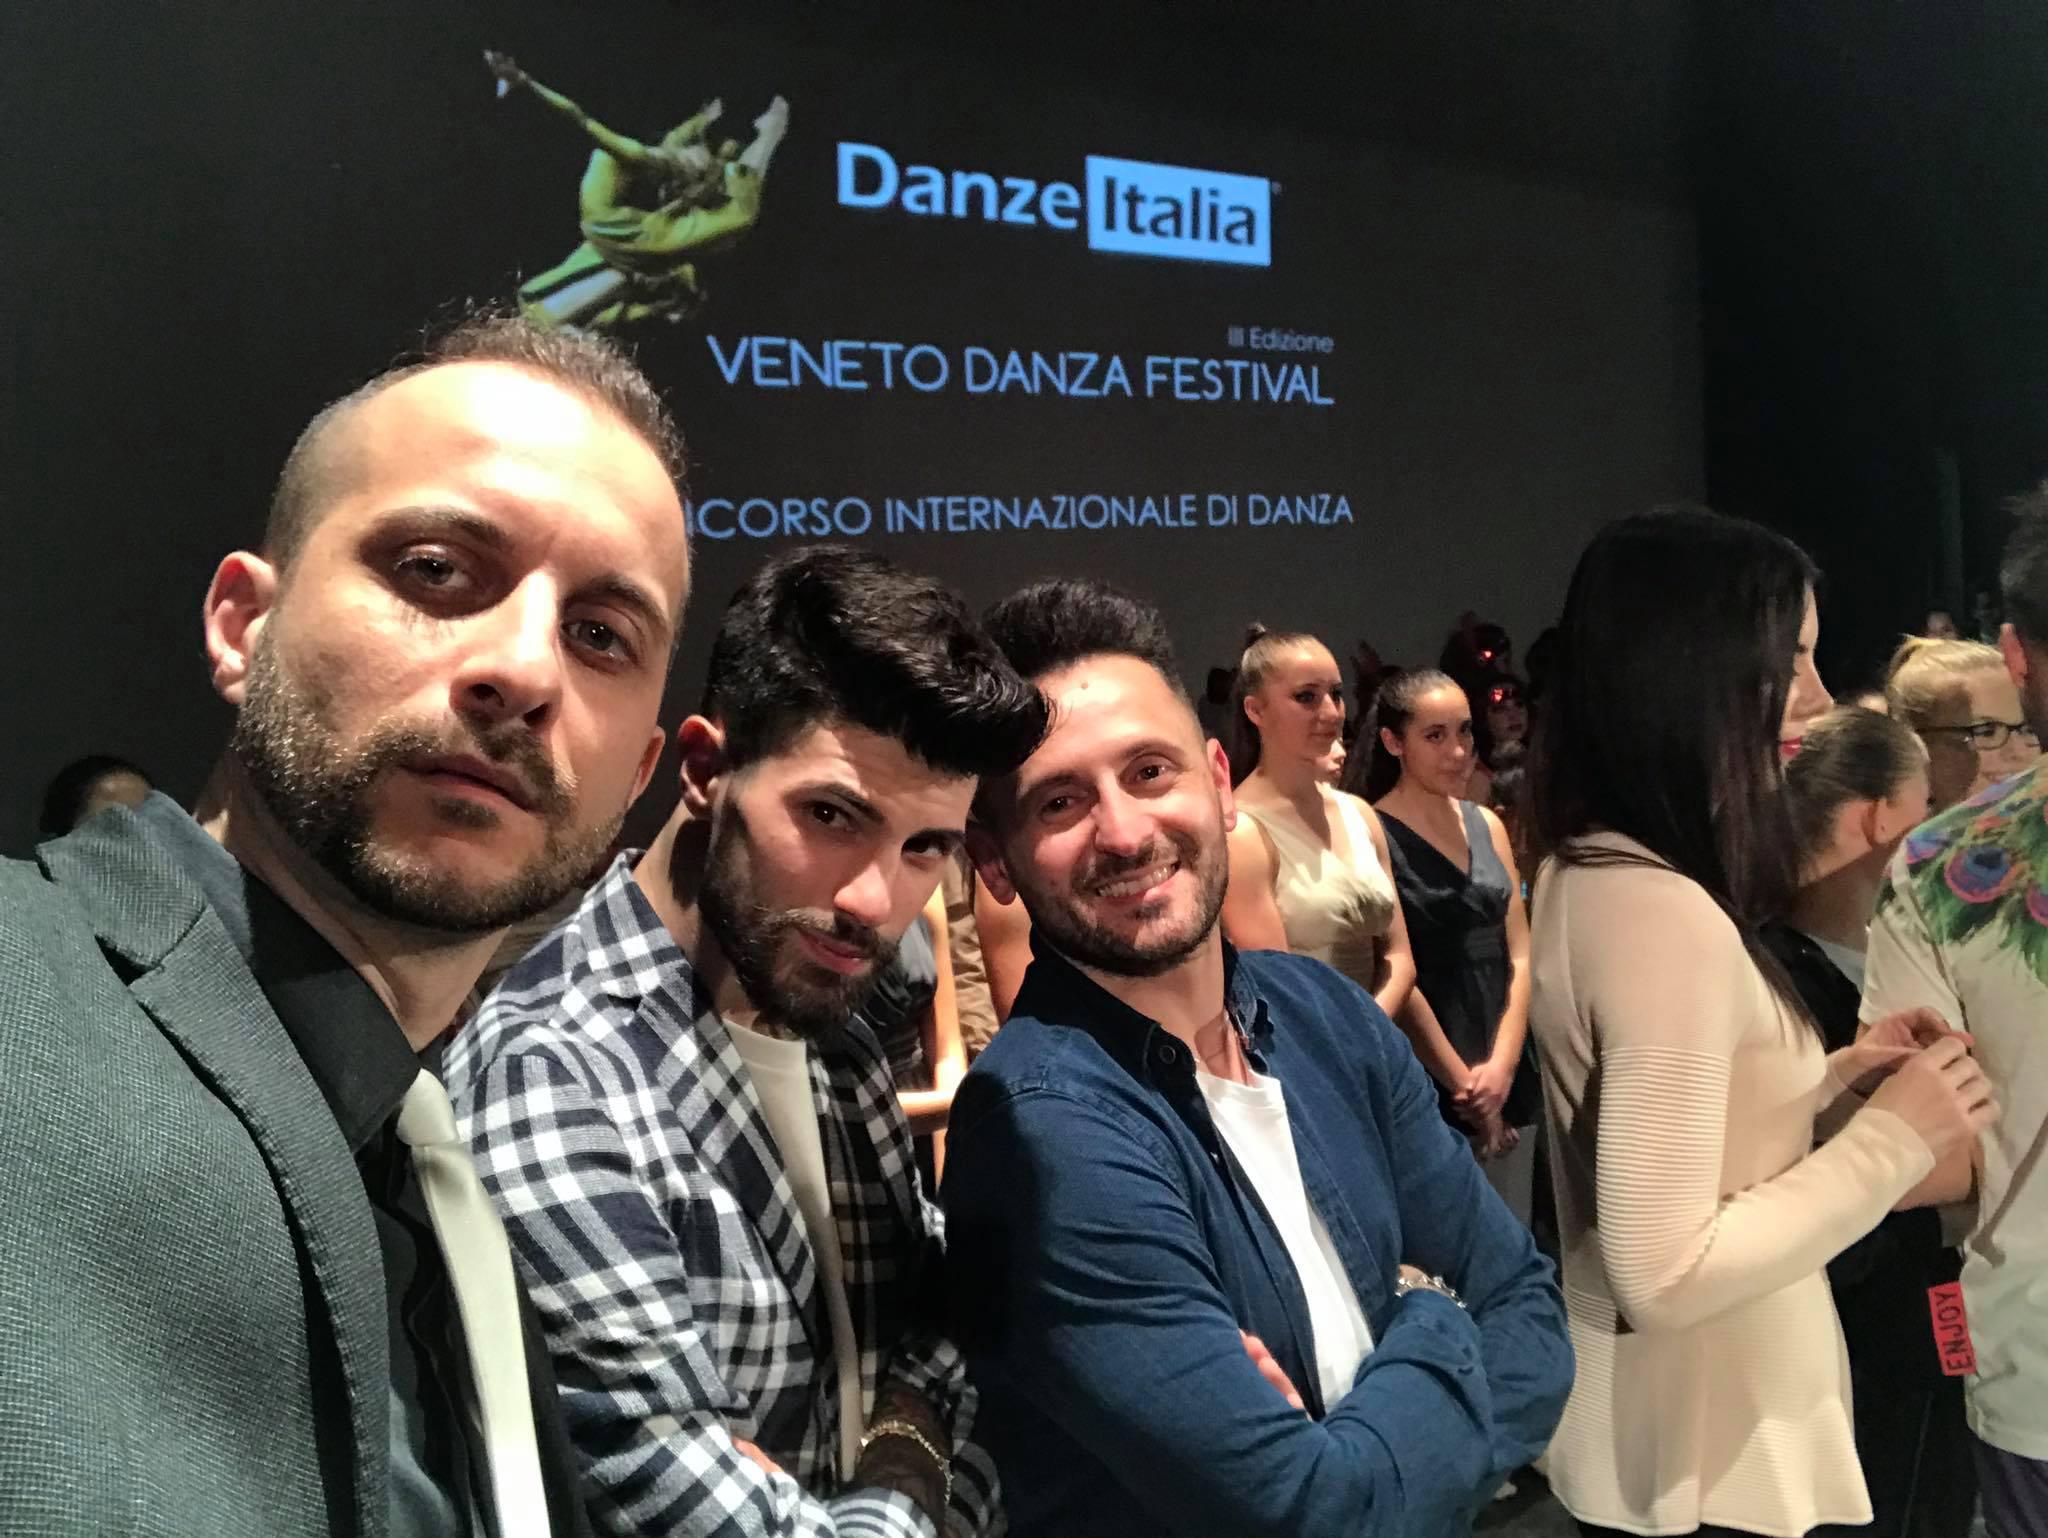 Veneto Danza Festival III Edizione